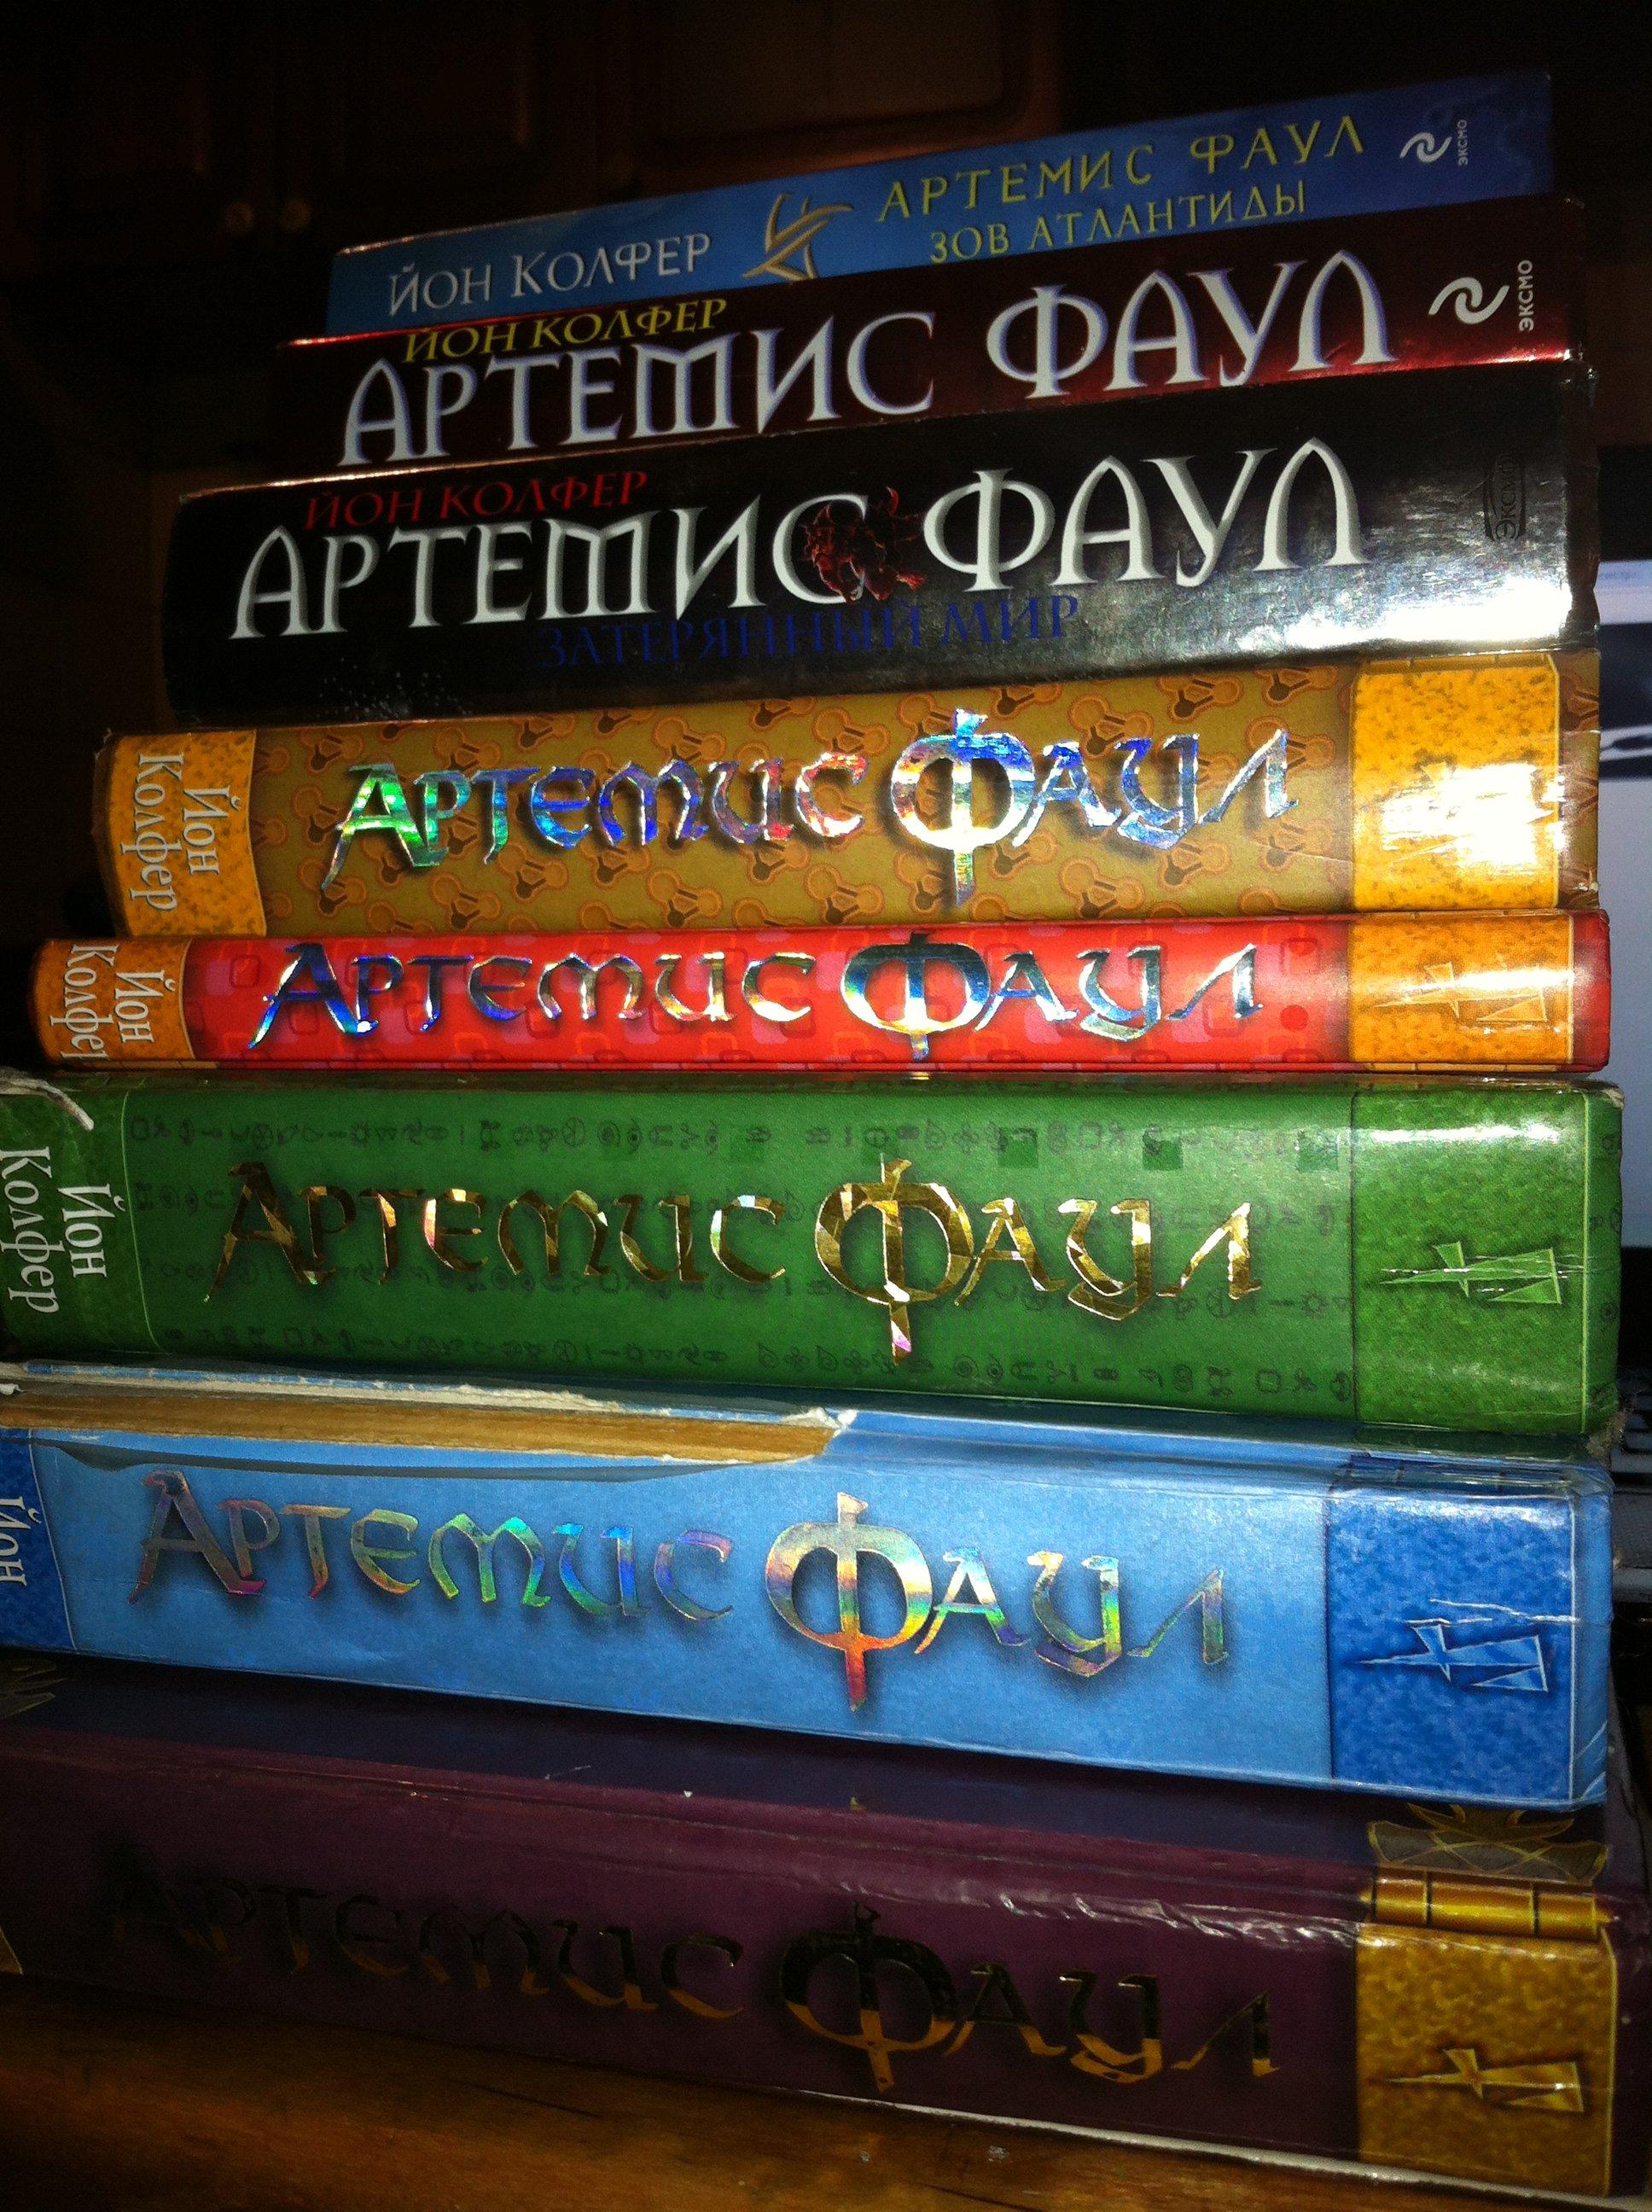 """К серии книг """"Артемис Фаул"""" Йона Колфера я испываю самые нежные чувства. А какие же эмоции можно испытывать по отнош ... - Изображение 1"""